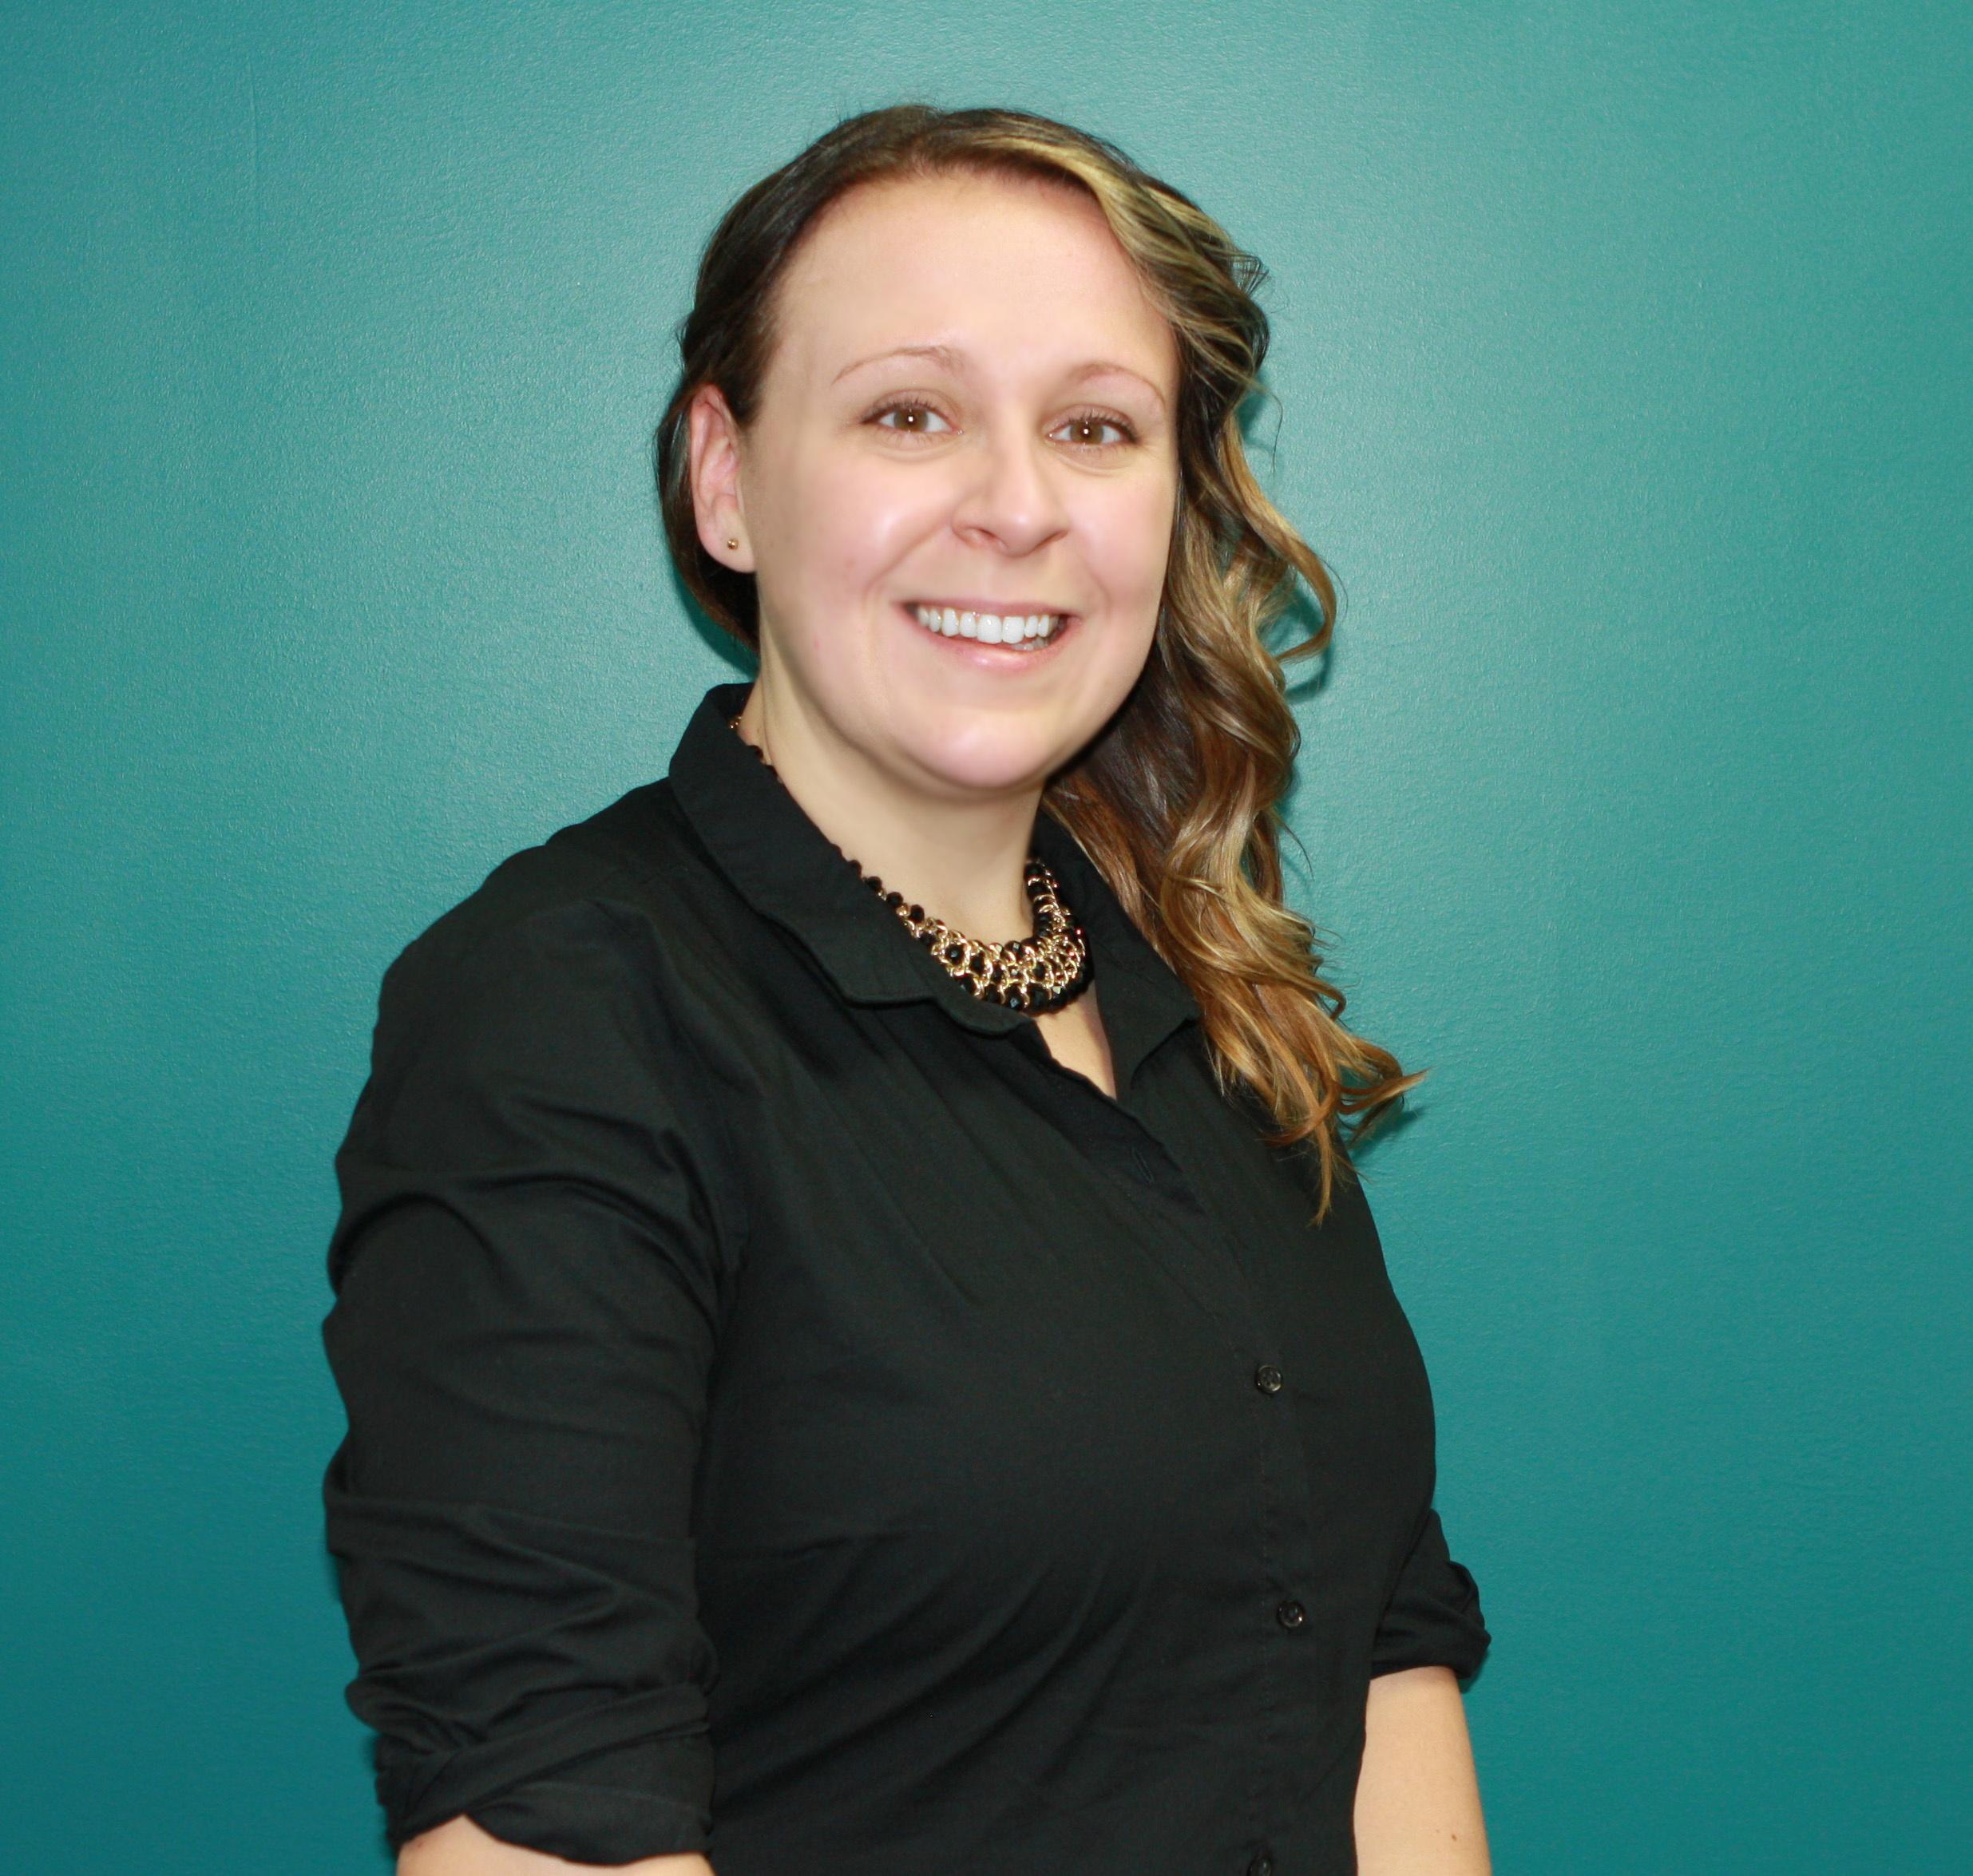 Alicia Bedard, Director of Marketing